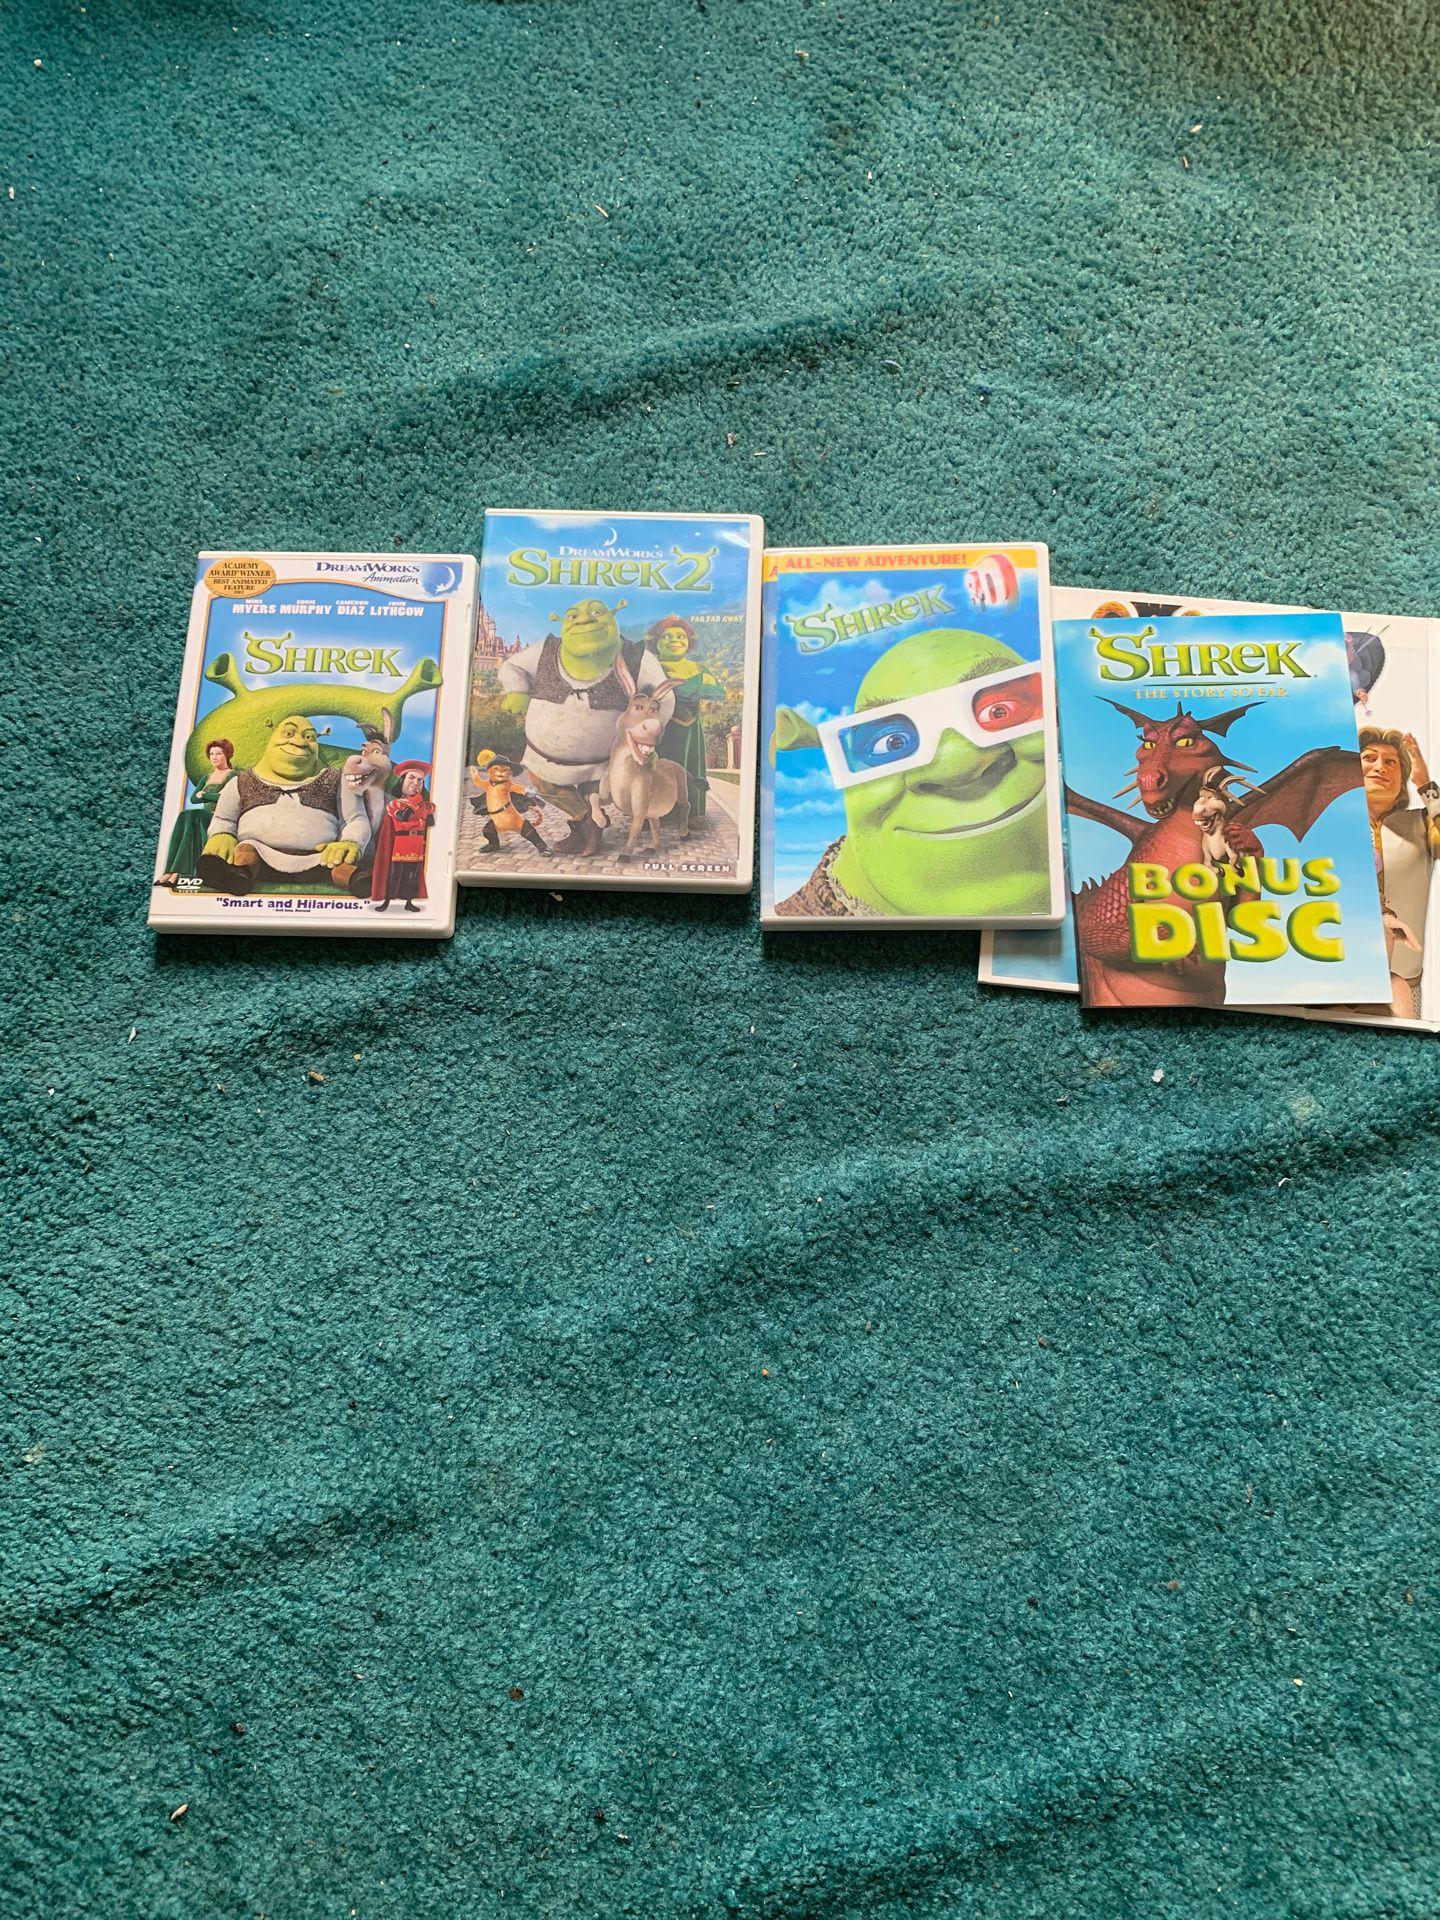 Shrek box set